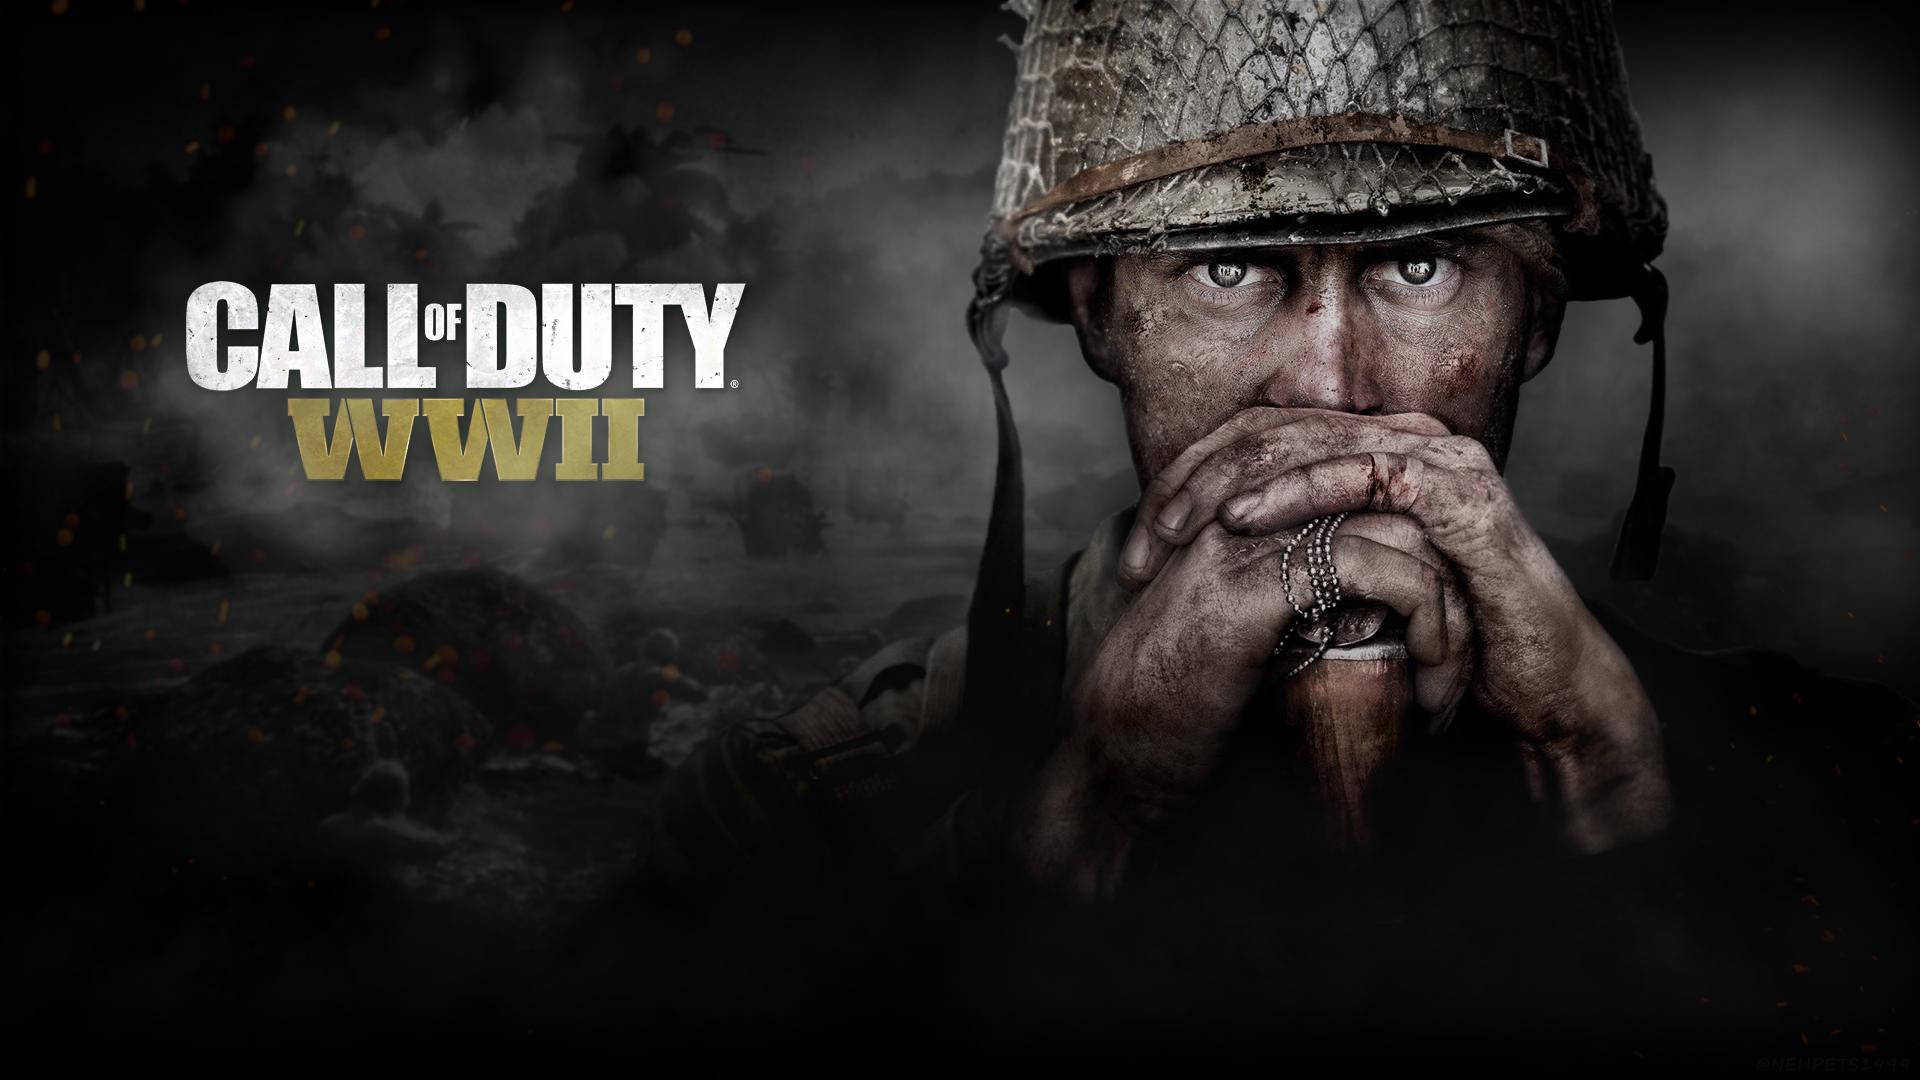 Call of Duty WW2: Sledgehammer wollte CoD Advanced Warfare 2 entwickeln